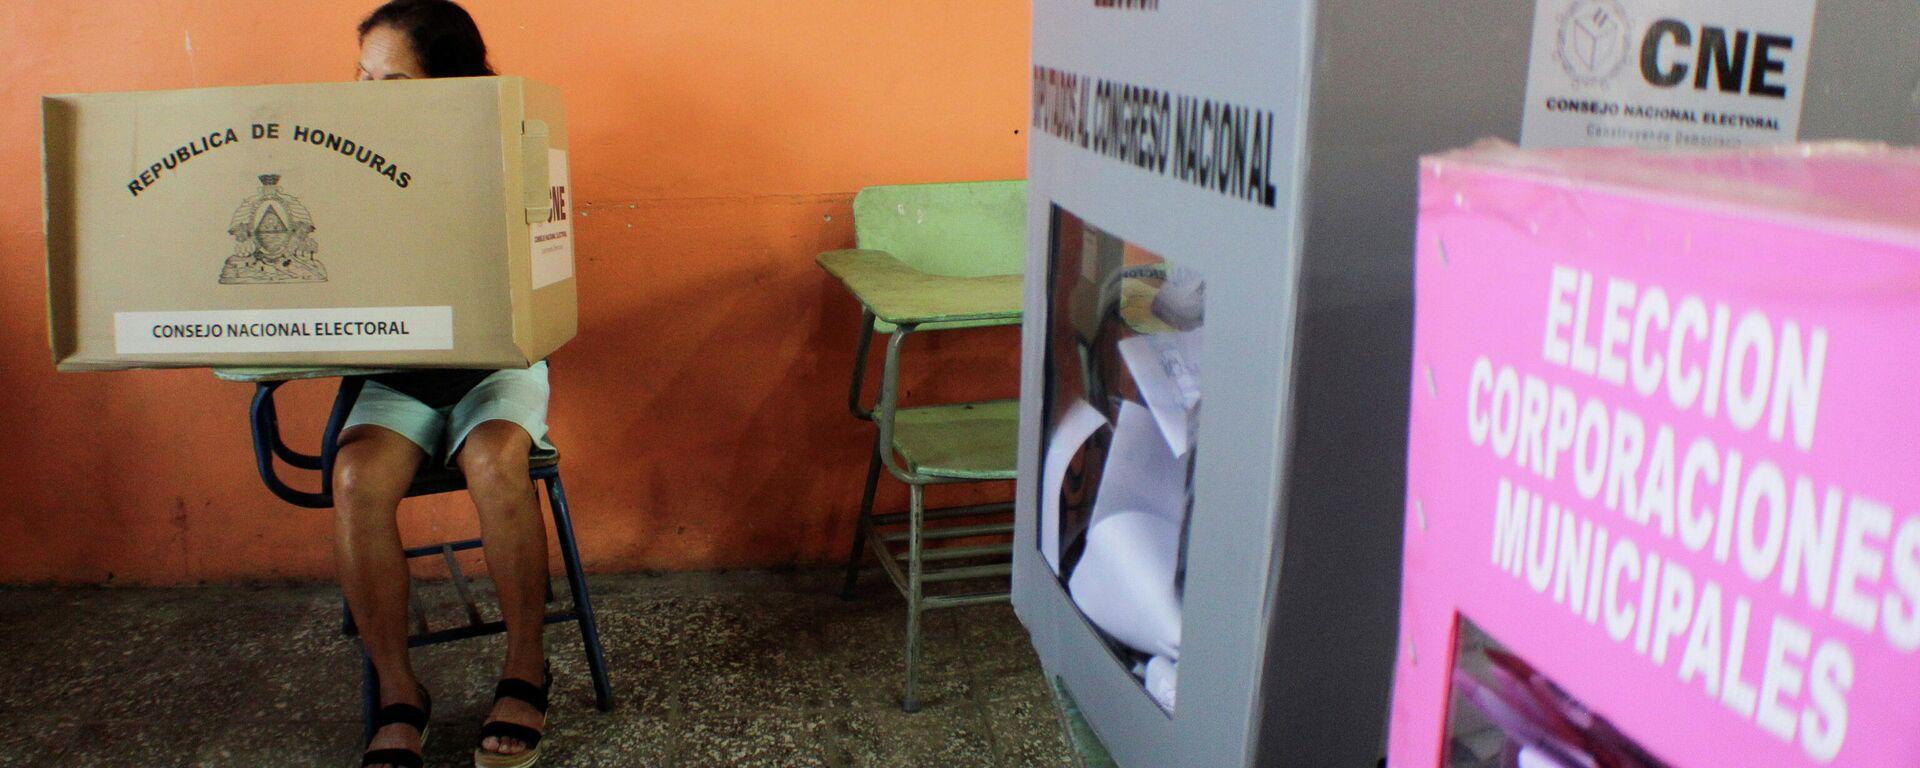 Elecciones primarias en Honduras - Sputnik Mundo, 1920, 15.03.2021